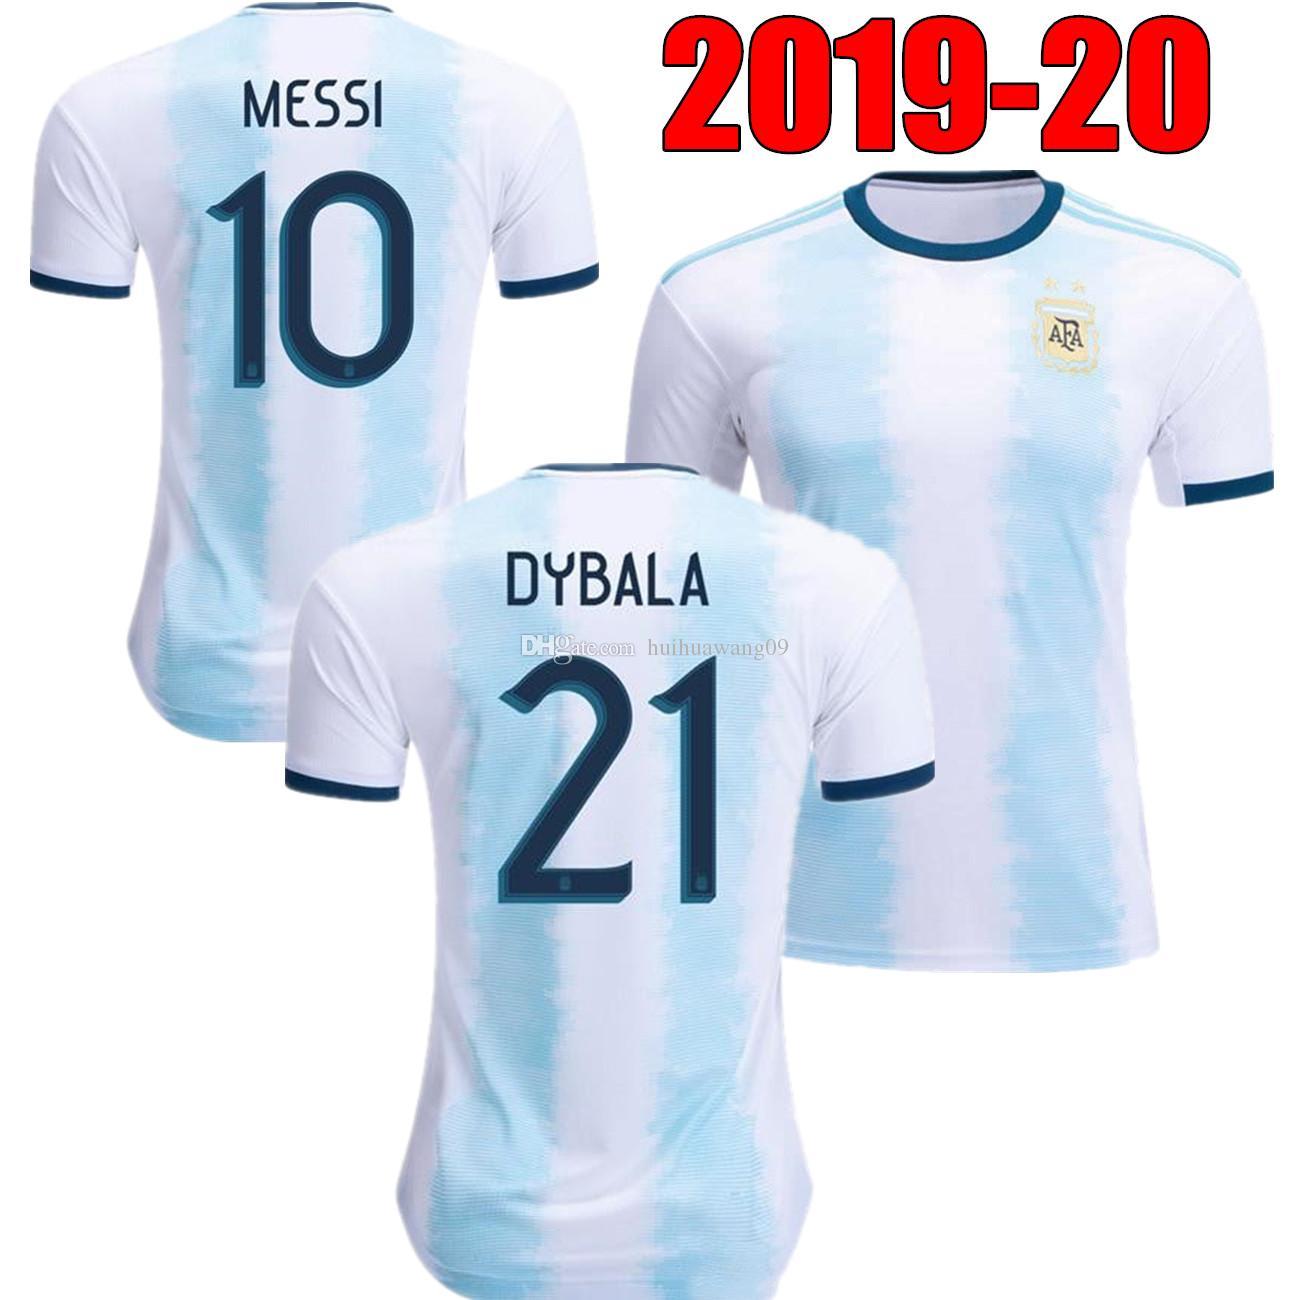 37781b410915d 2019 20 Camisetas De Fútbol De Argentina Camiseta De Fútbol De Copa América  MESSI Camiseta De Futbol DYBALA DI MARIA BIGLIA AGUERO Maillot De Foot Por  ...